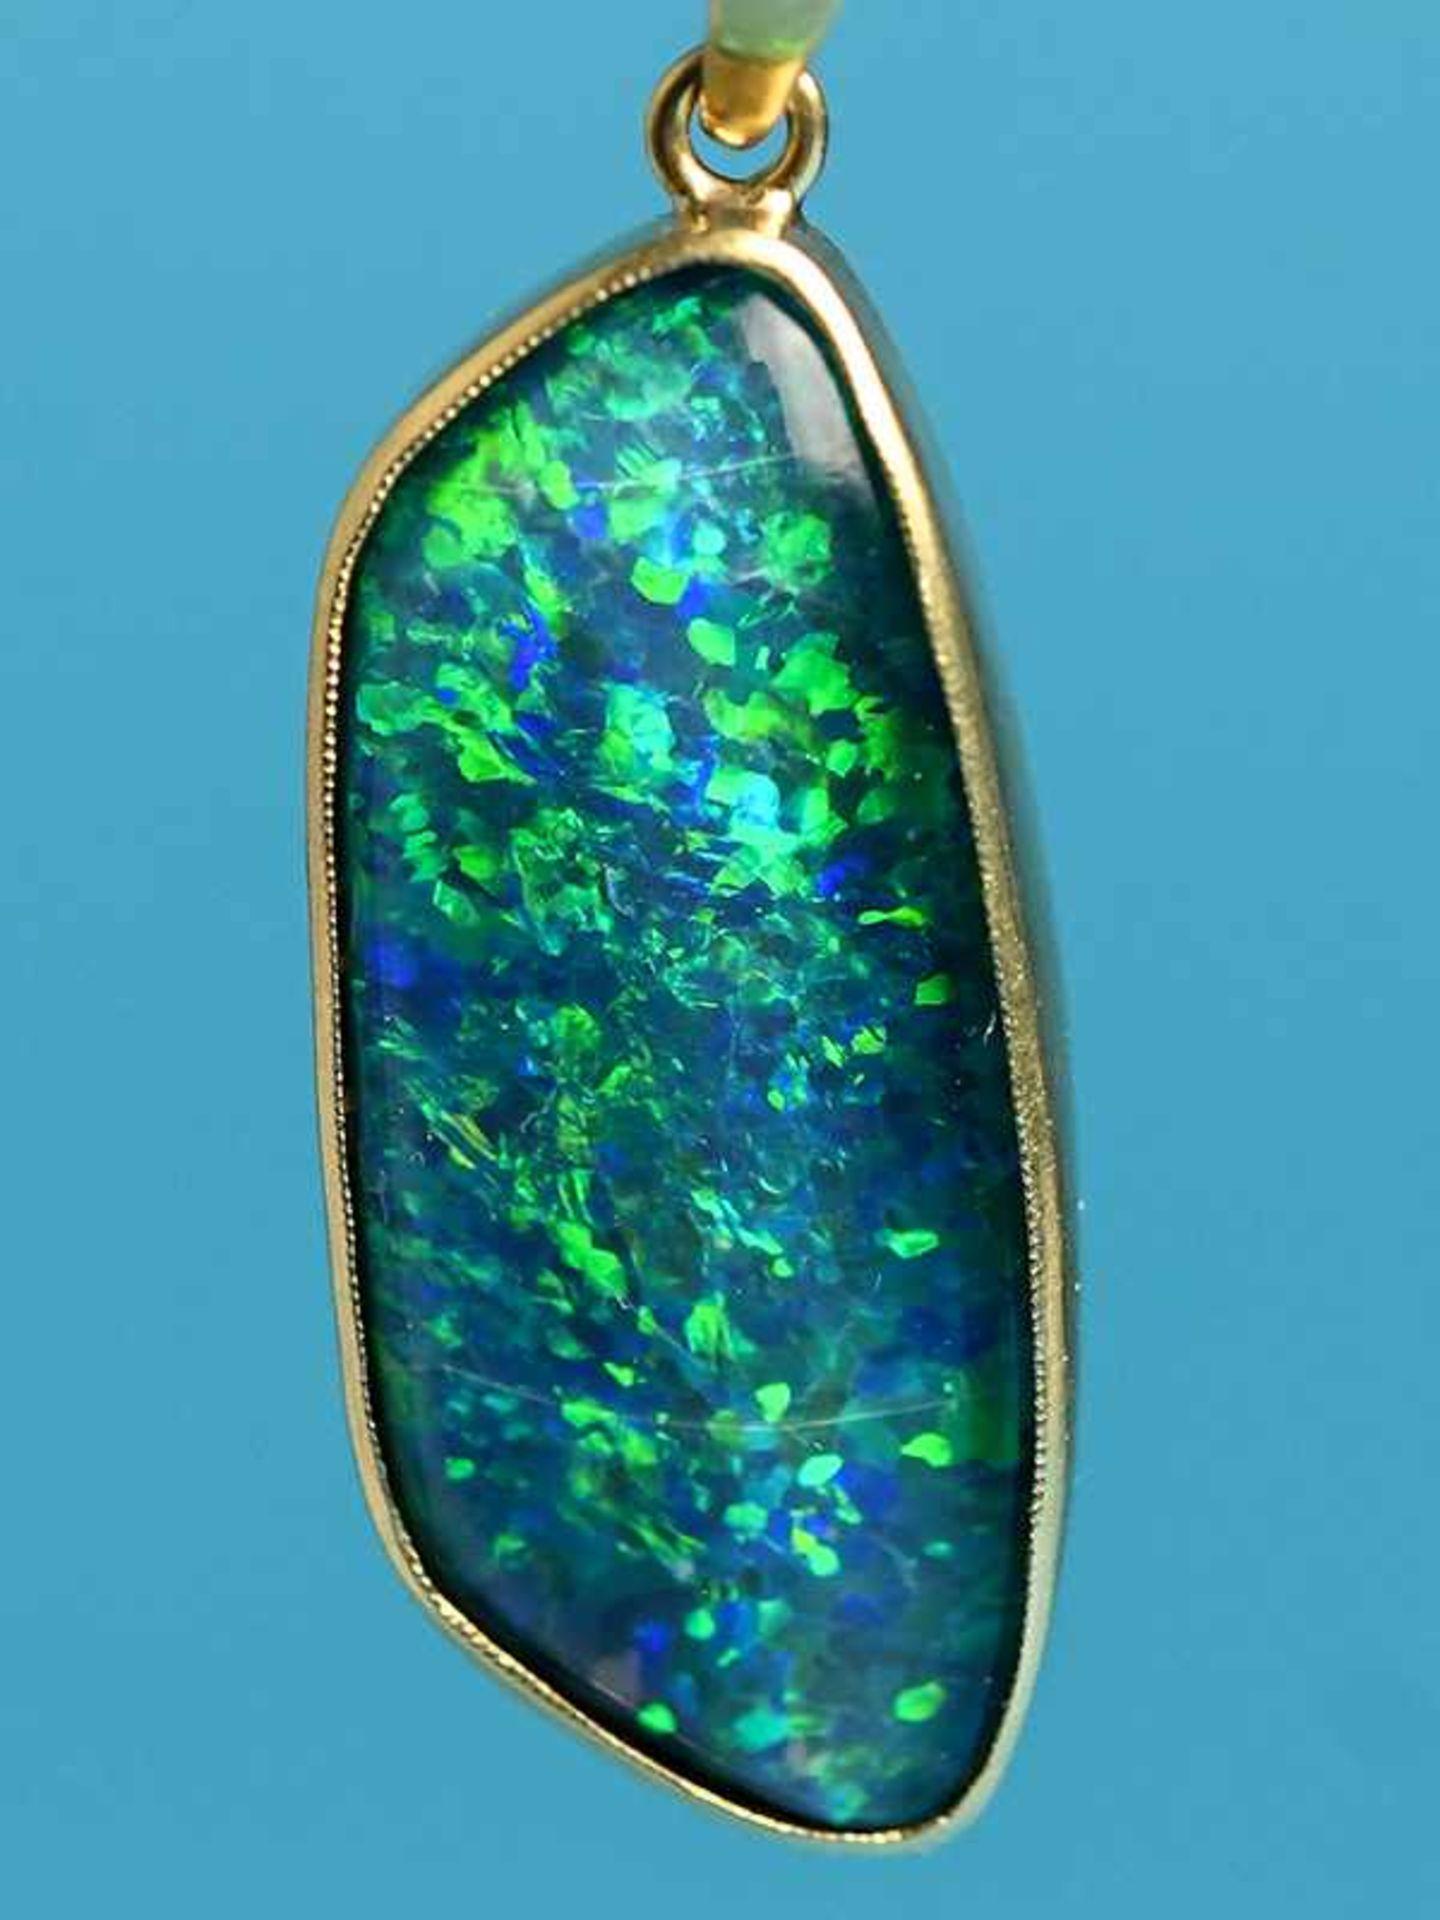 Anhänger mit Opal-Triblette, 20. Jh. 750/- Gelbgold (18ct). Gesamtgewicht ca. 4,1 g. Unregelmäßige - Bild 3 aus 4